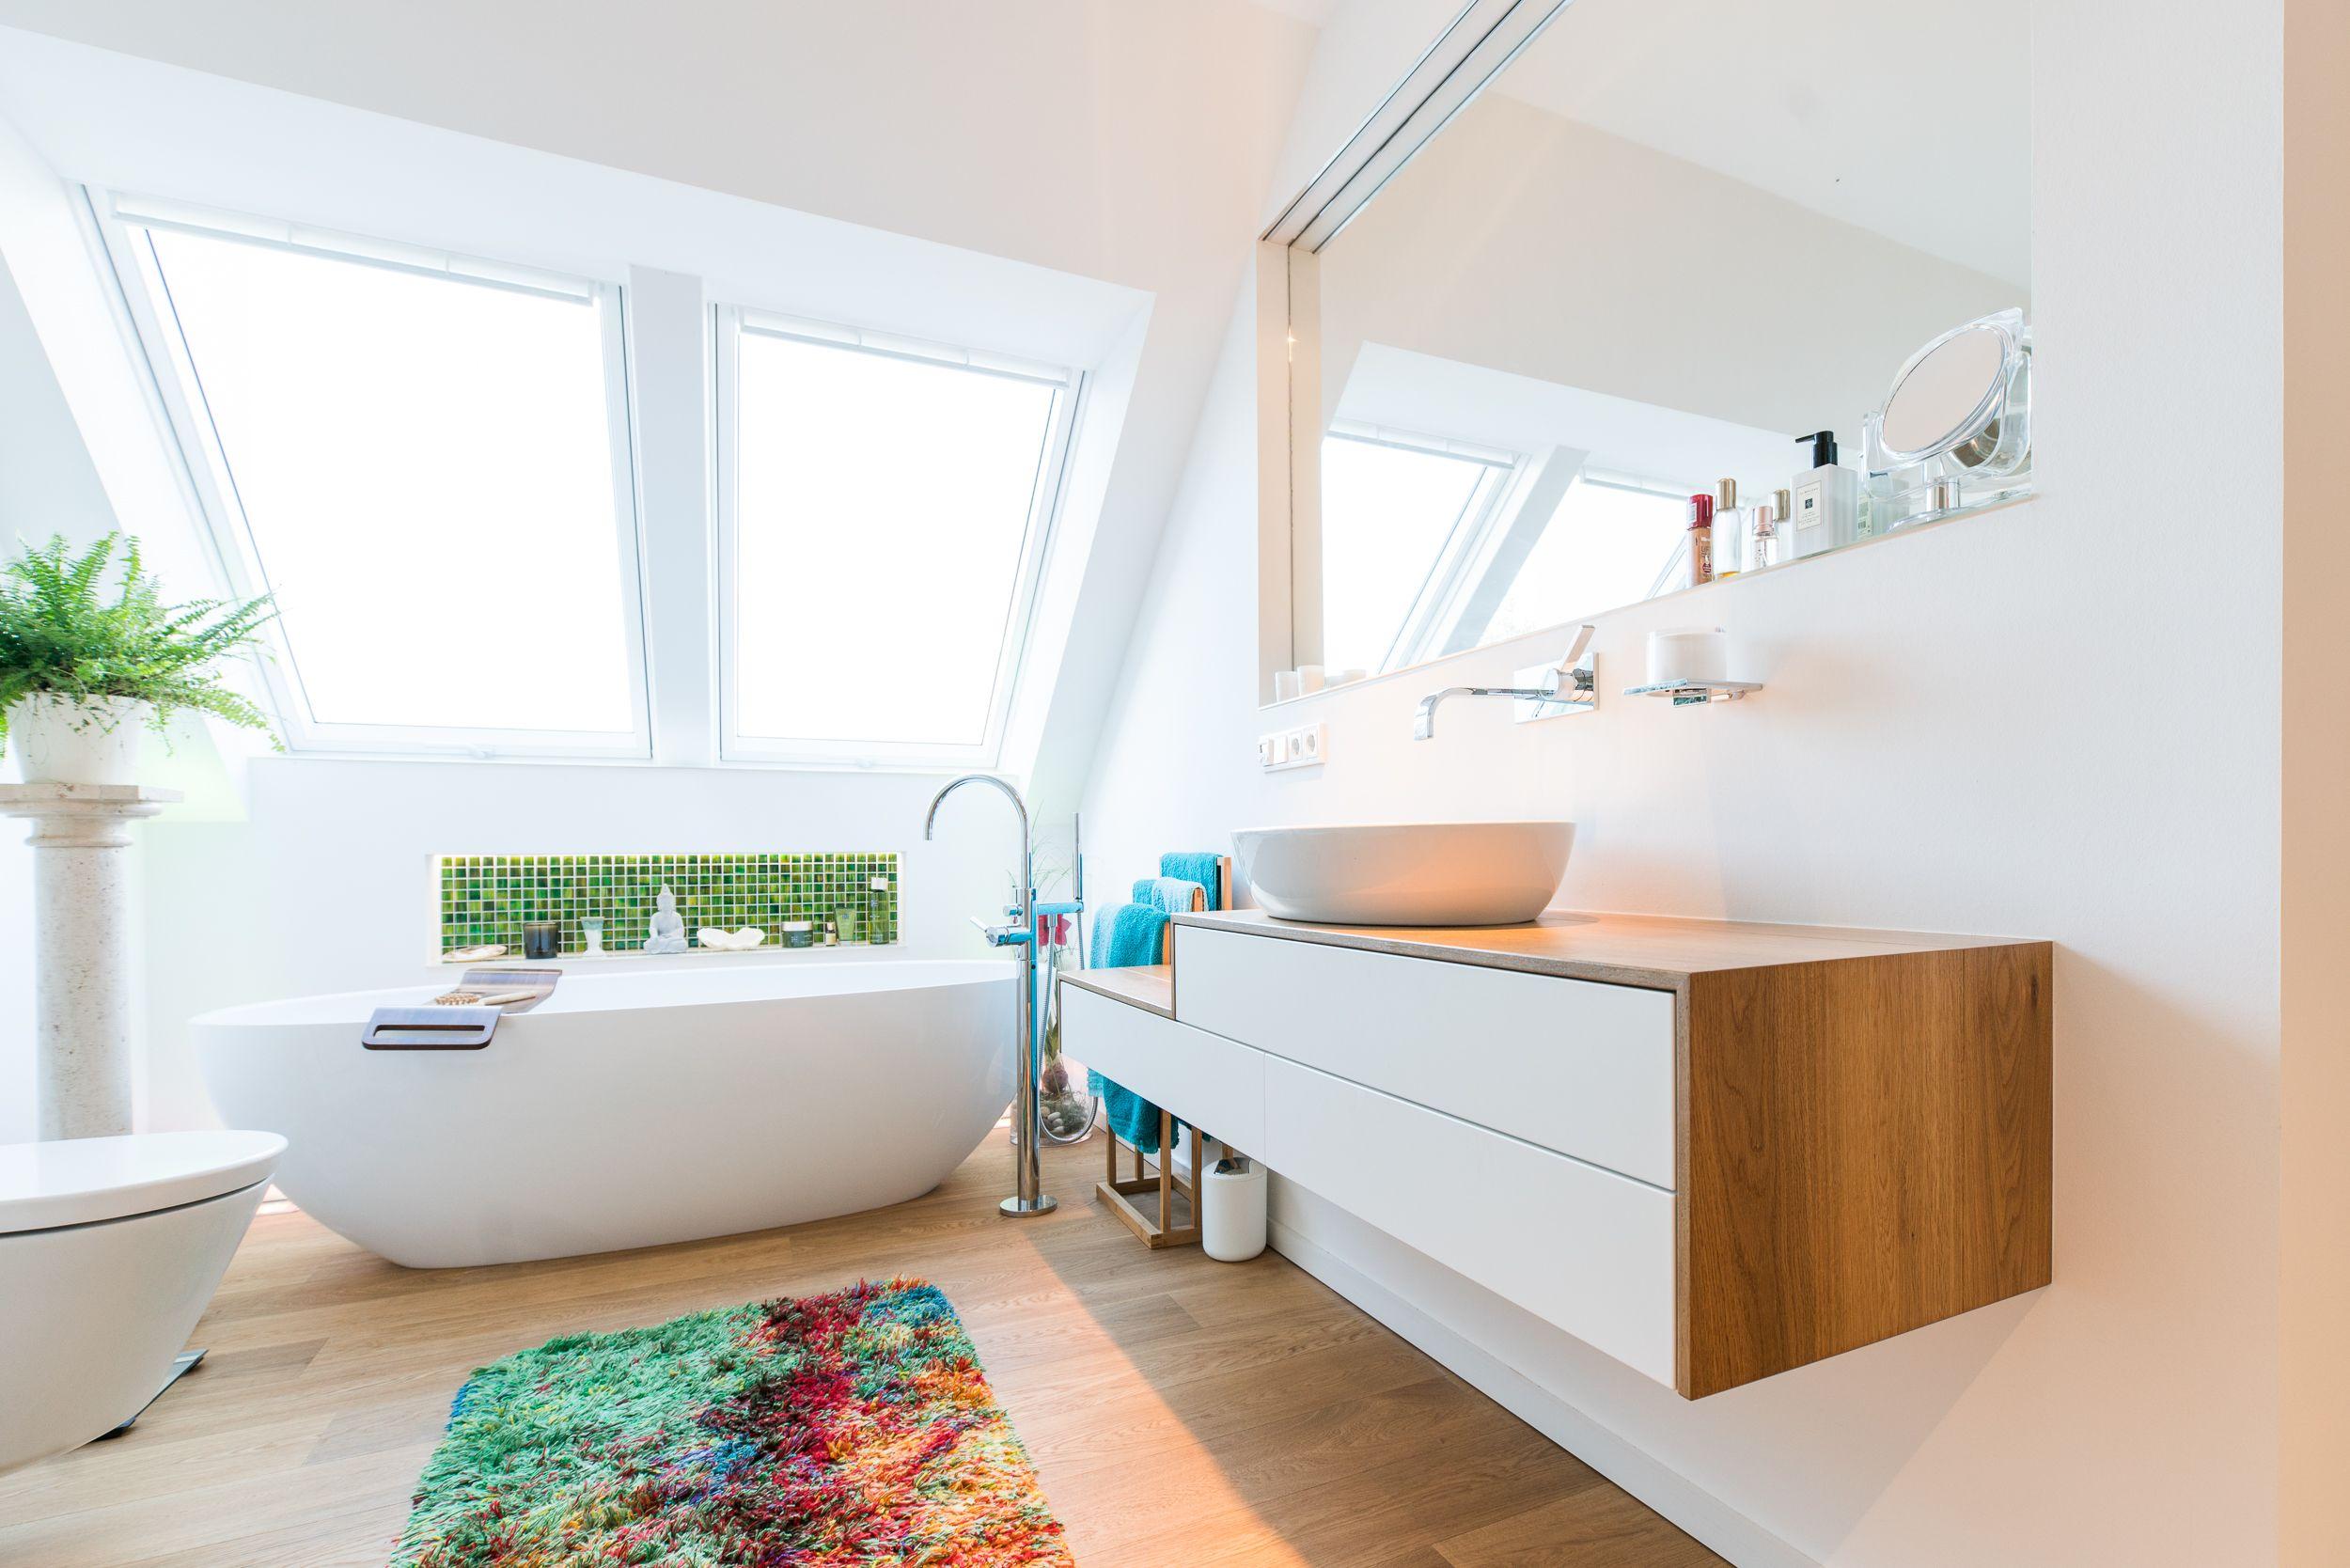 Badgestaltung Schoner Wohnen Woglfuhloase Badgestaltung Schoner Wohnen Badezimmer